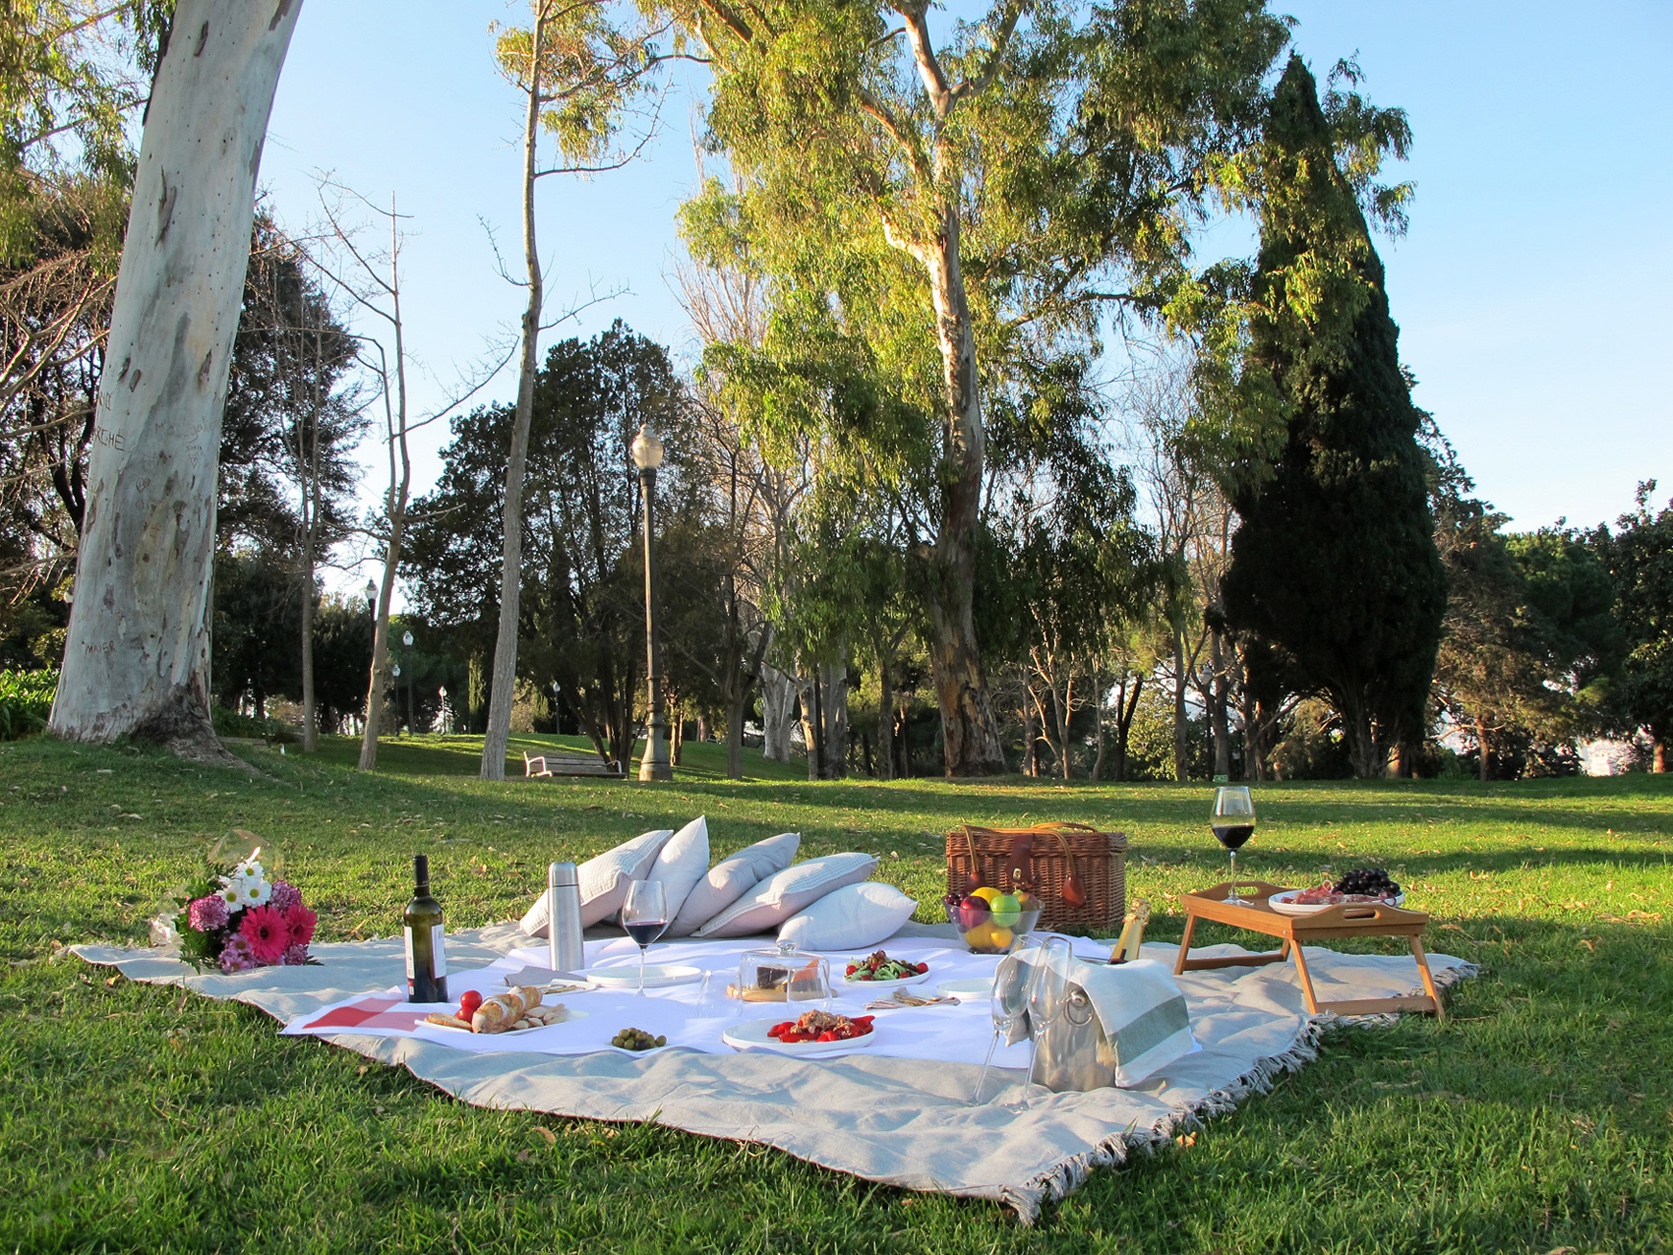 Degusta los parques de barcelona con picnic barcelona for Parques de barcelona